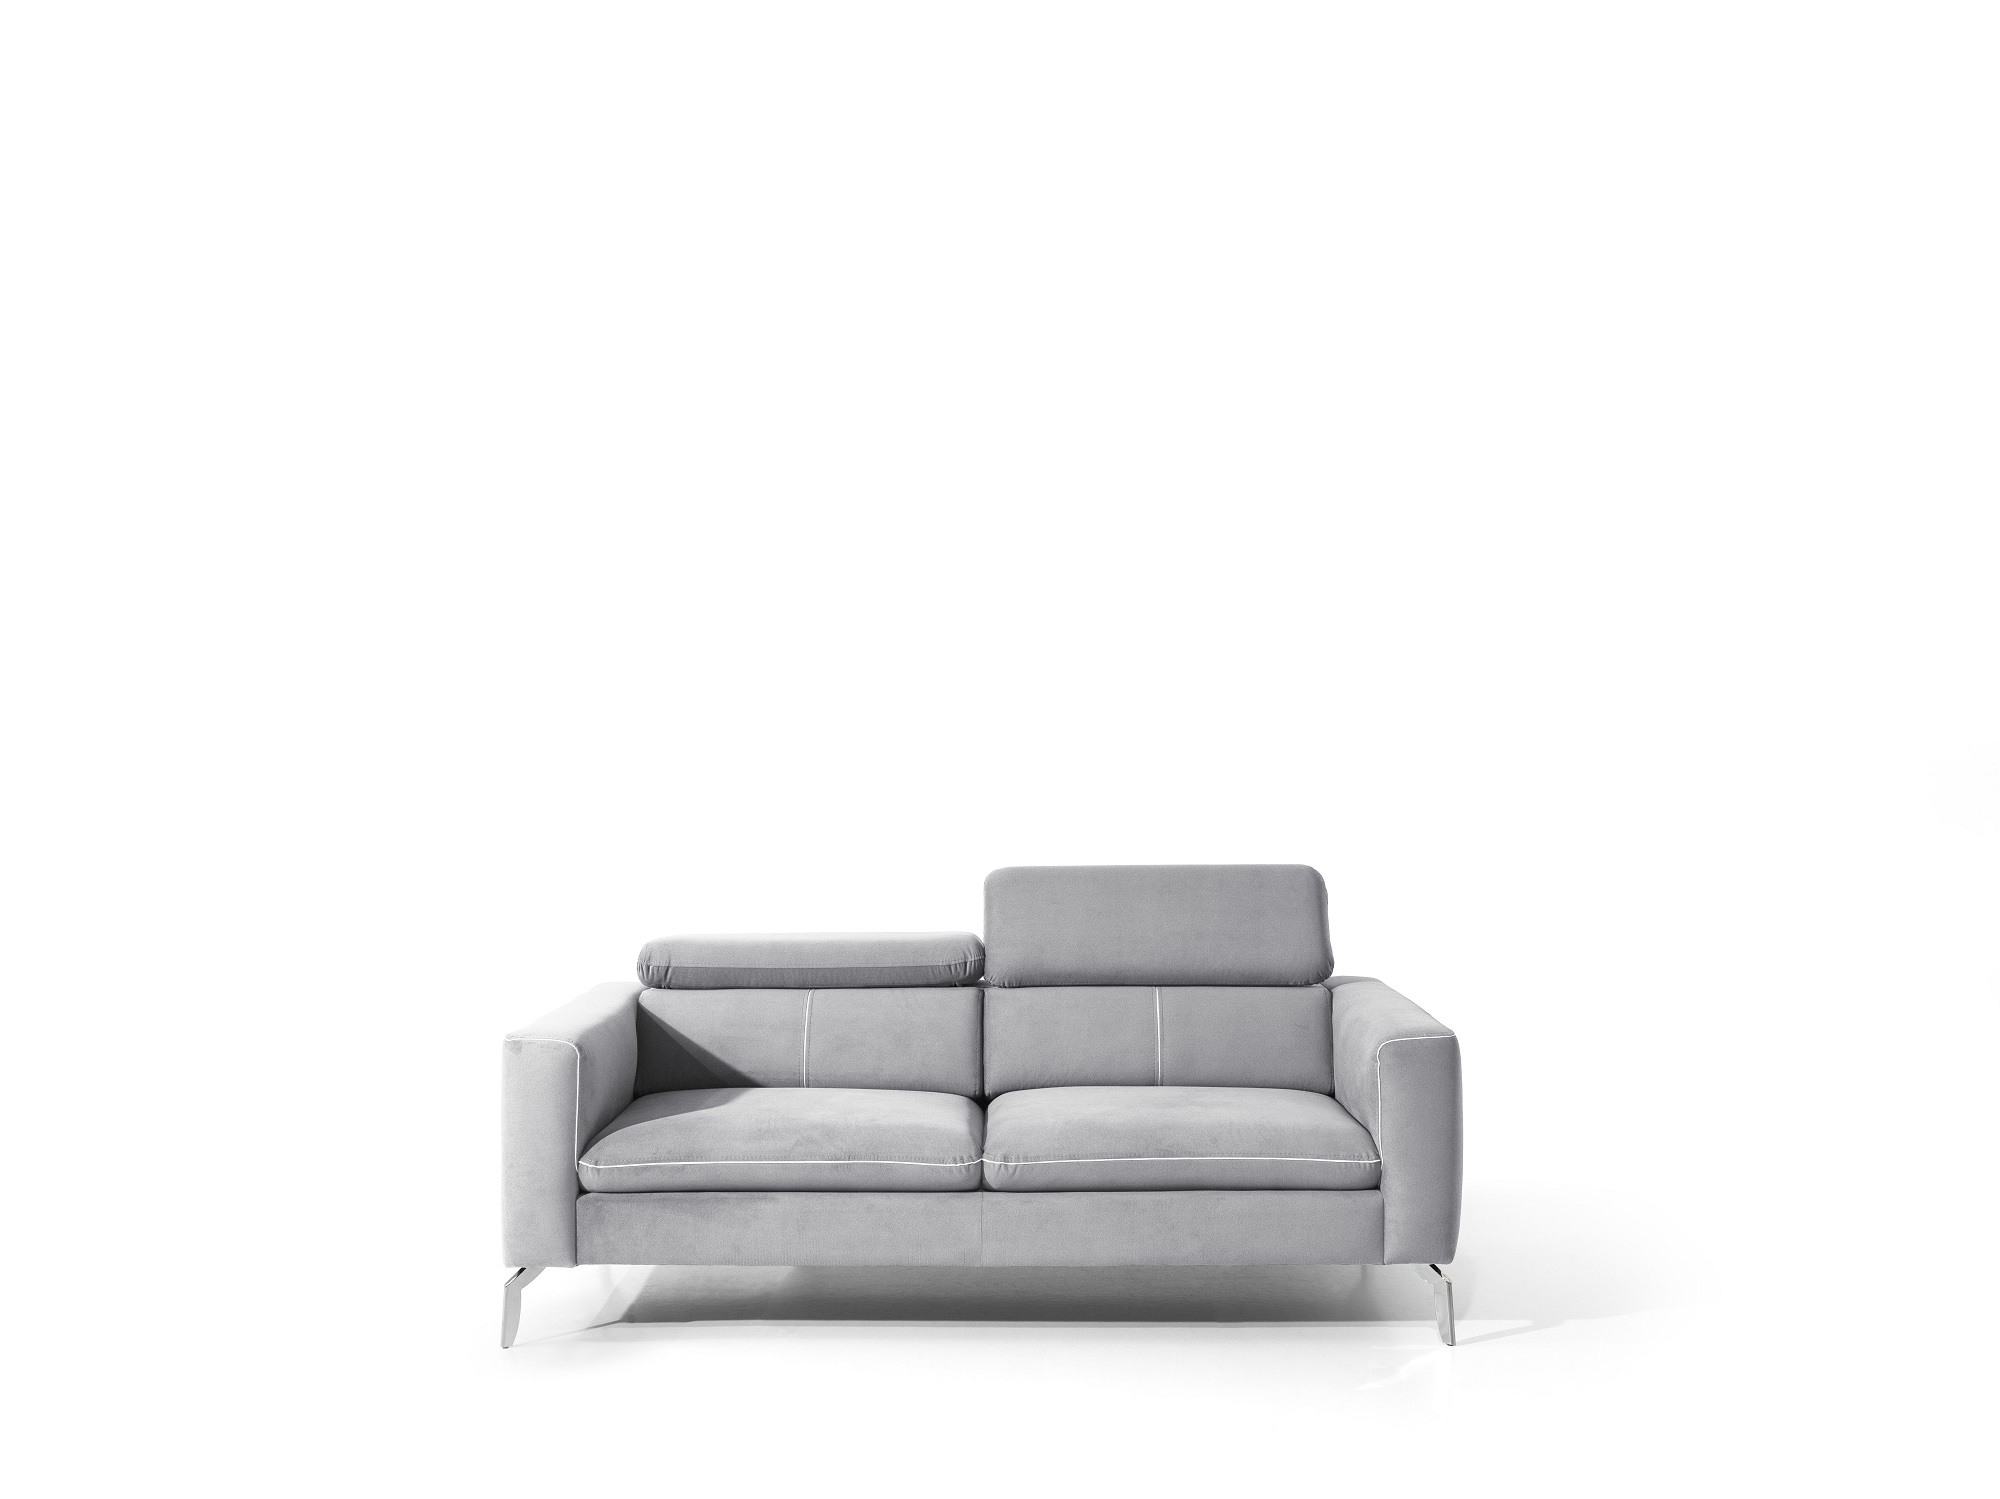 Canapea fixa 2 locuri, tapitata cu Monolith 84, Arezza Gri, l170xA103xH75-95 cm